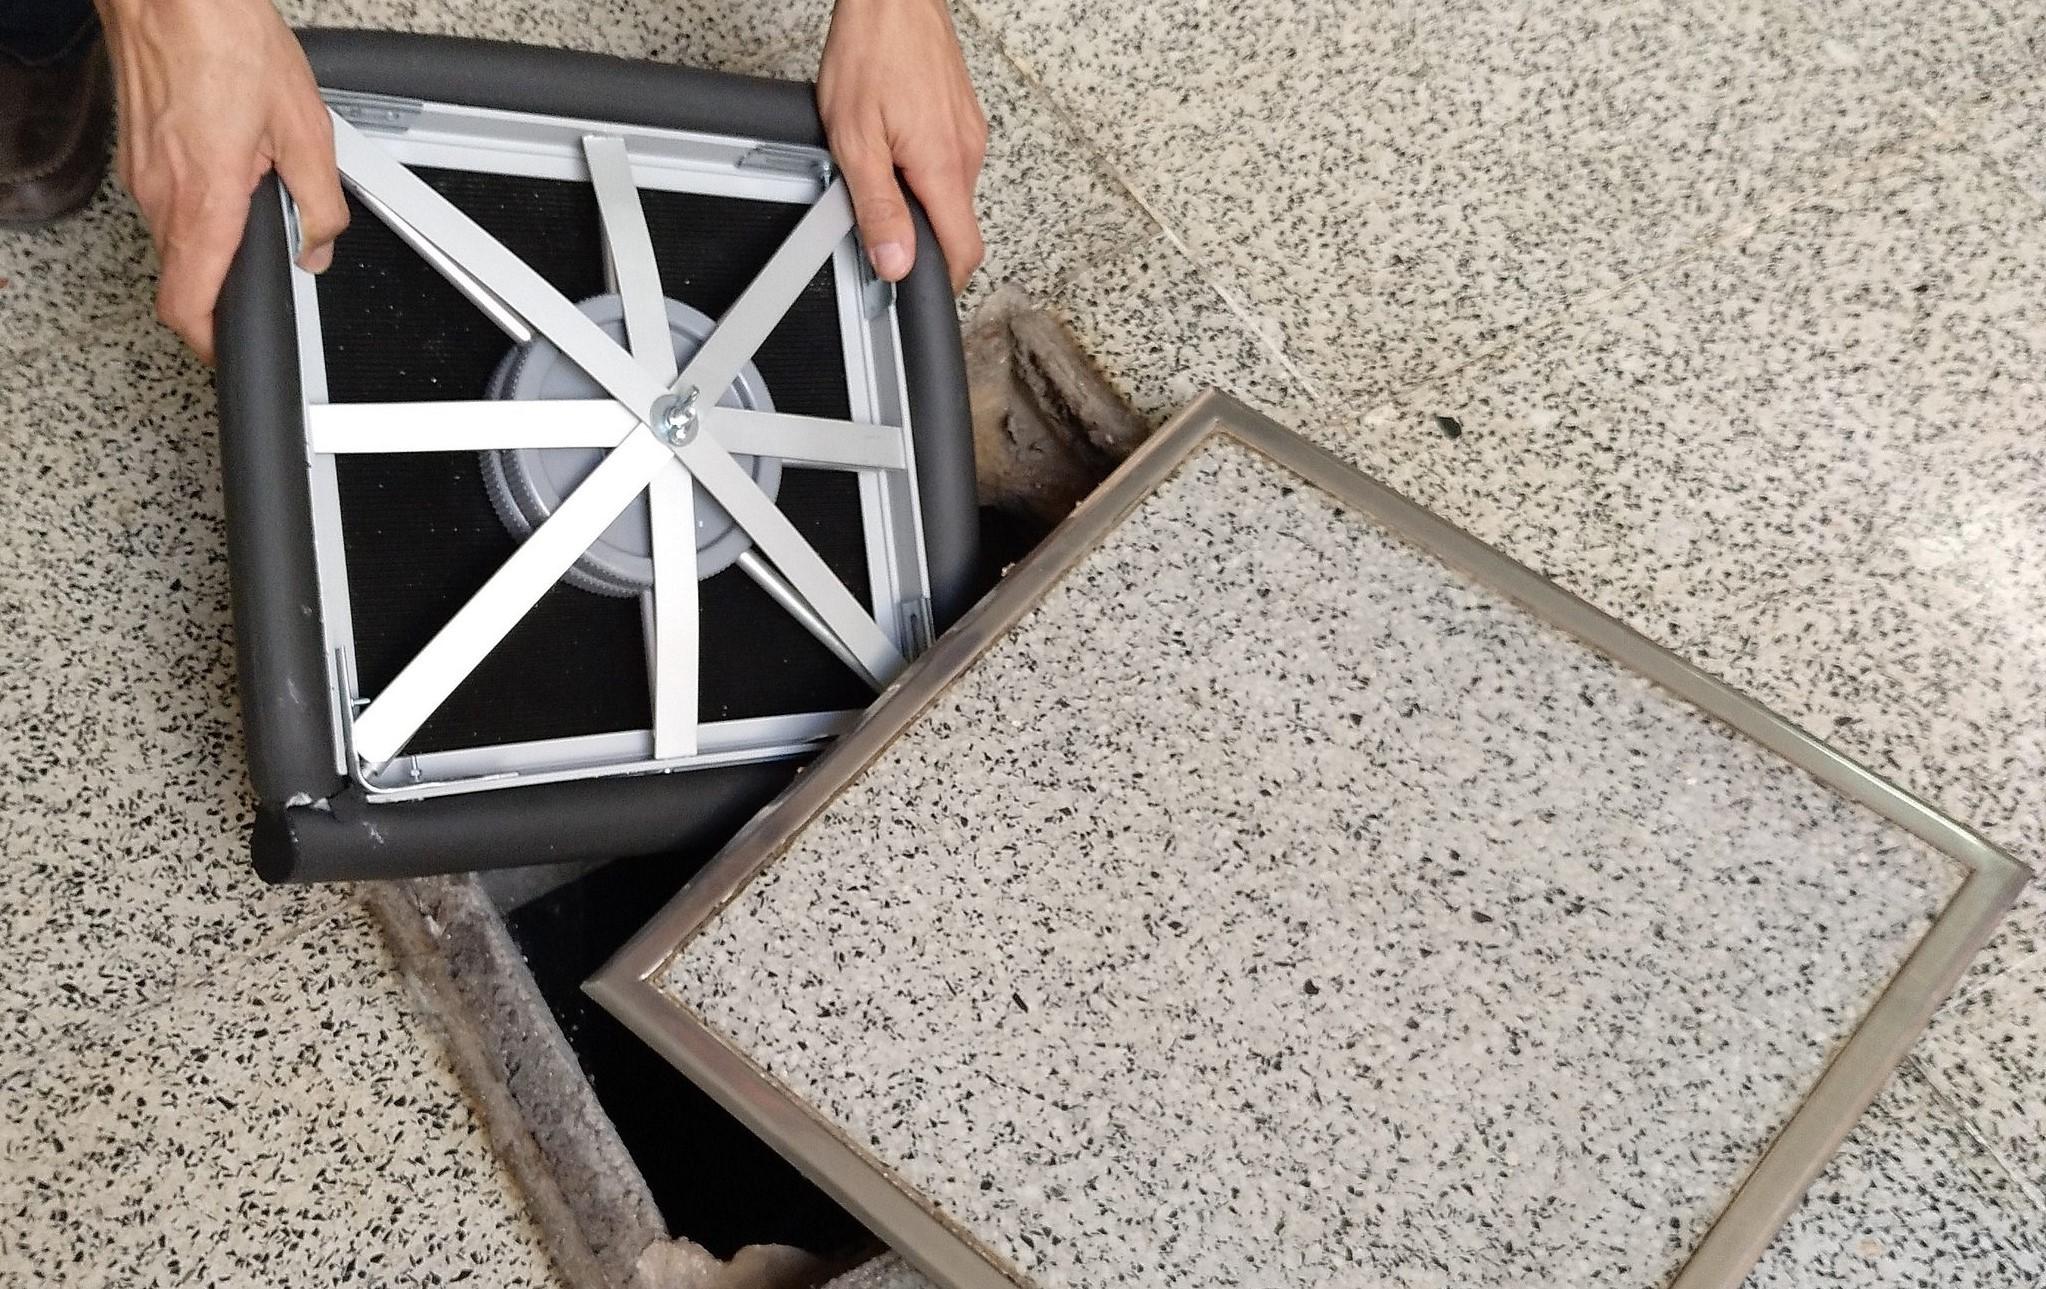 Patentan una tapa que evita la salida de gases y malos olores de todo tipo de depósitos